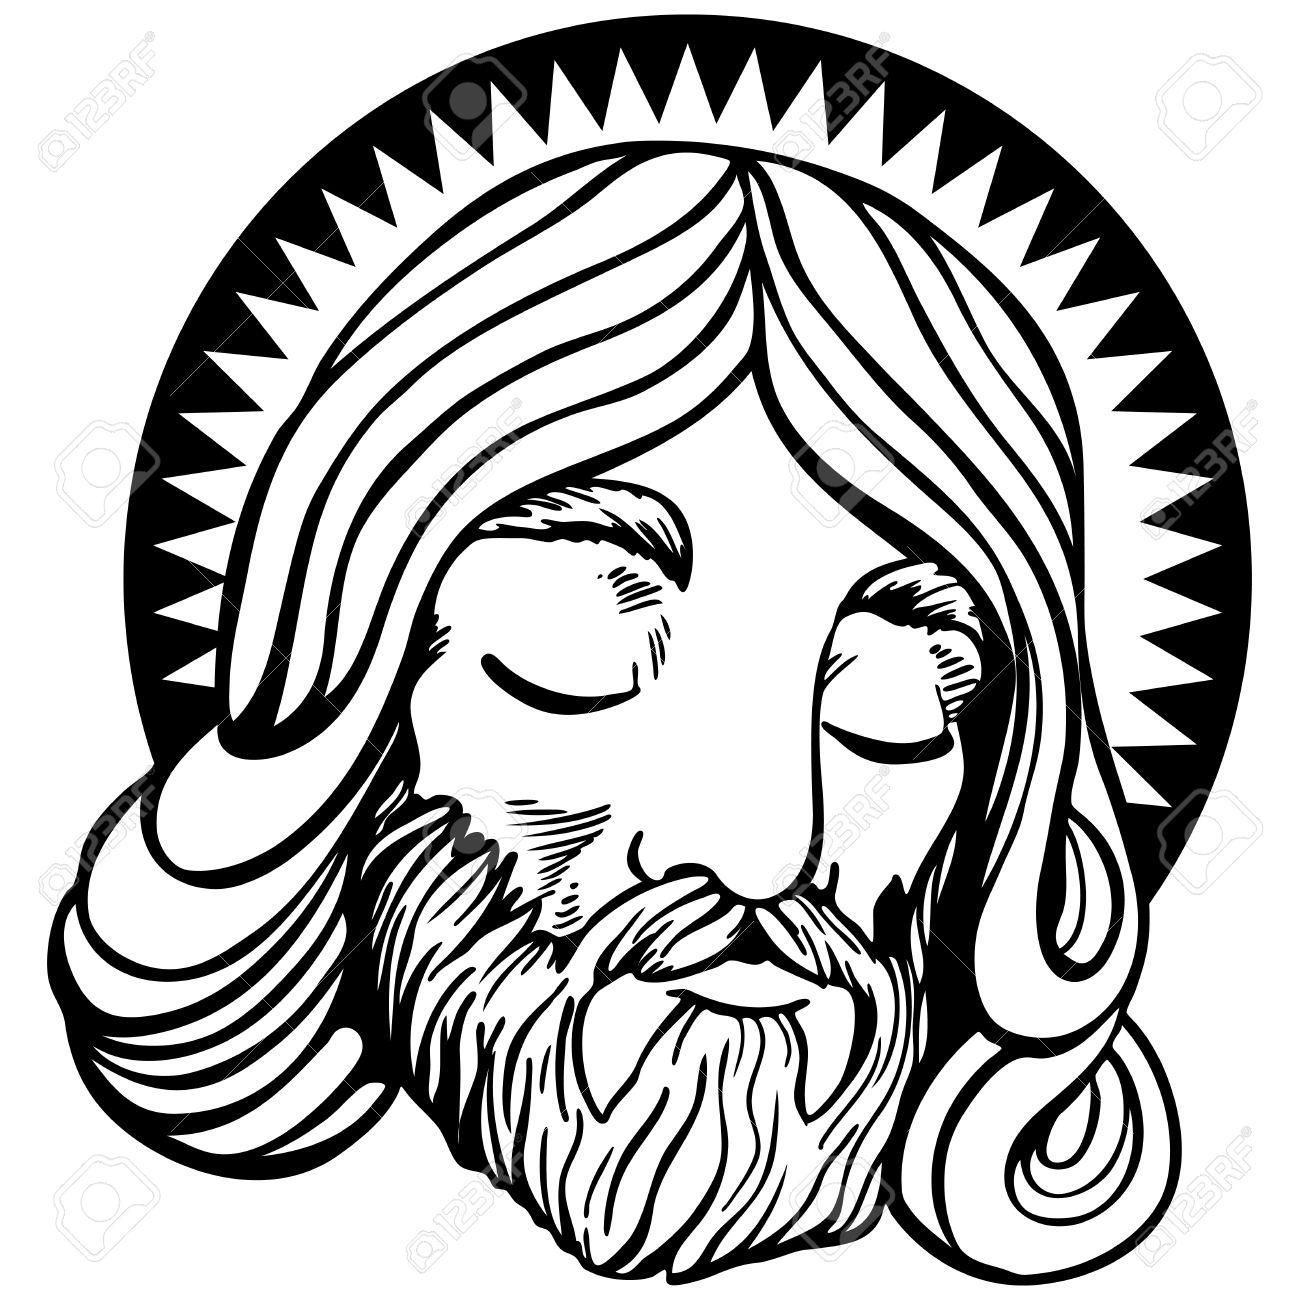 Rostro De Jesús Con Halo En Un Estilo De Dibujos Animados Aislado En